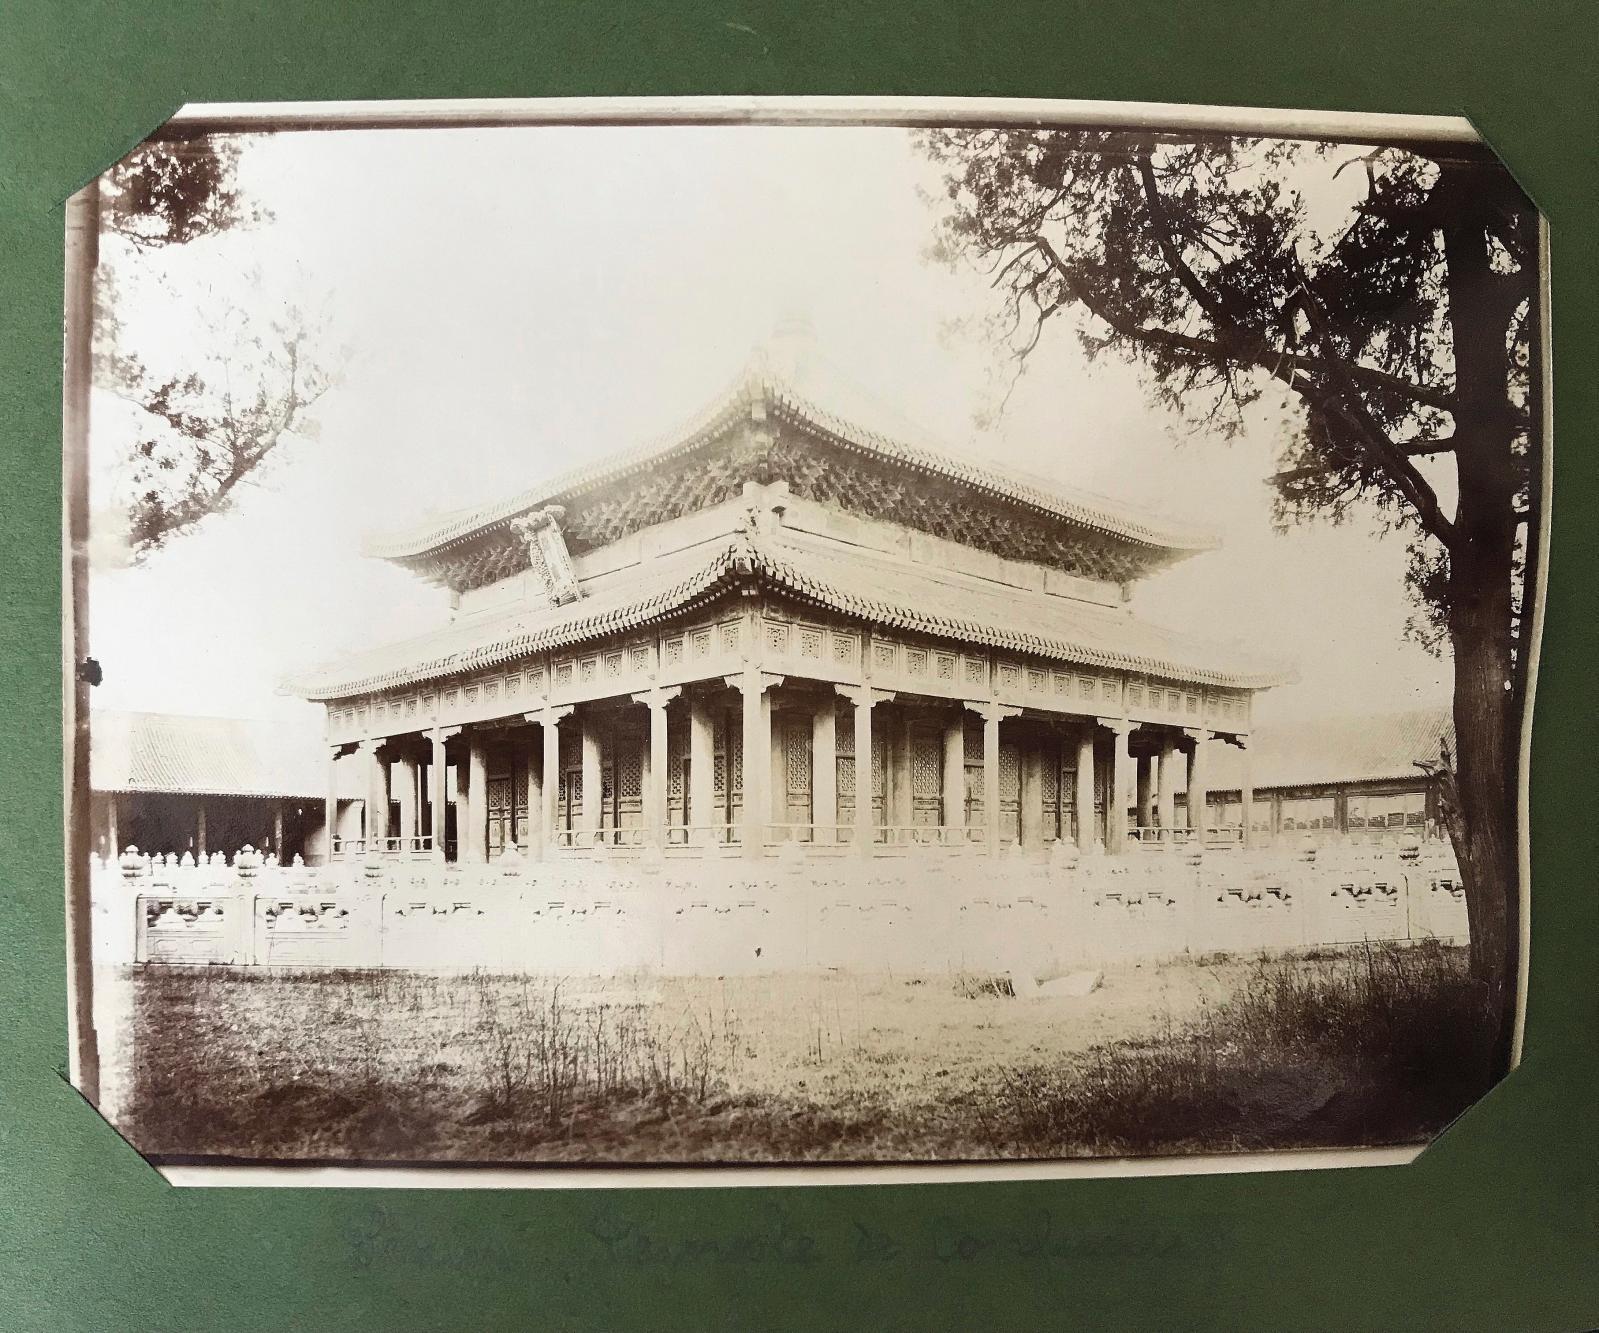 Robert de Semallé (1839-1946), ensemble de quatre-vingt-onze photographies prises entre1880 et 1884 à Pékin et autour de la capitale chin